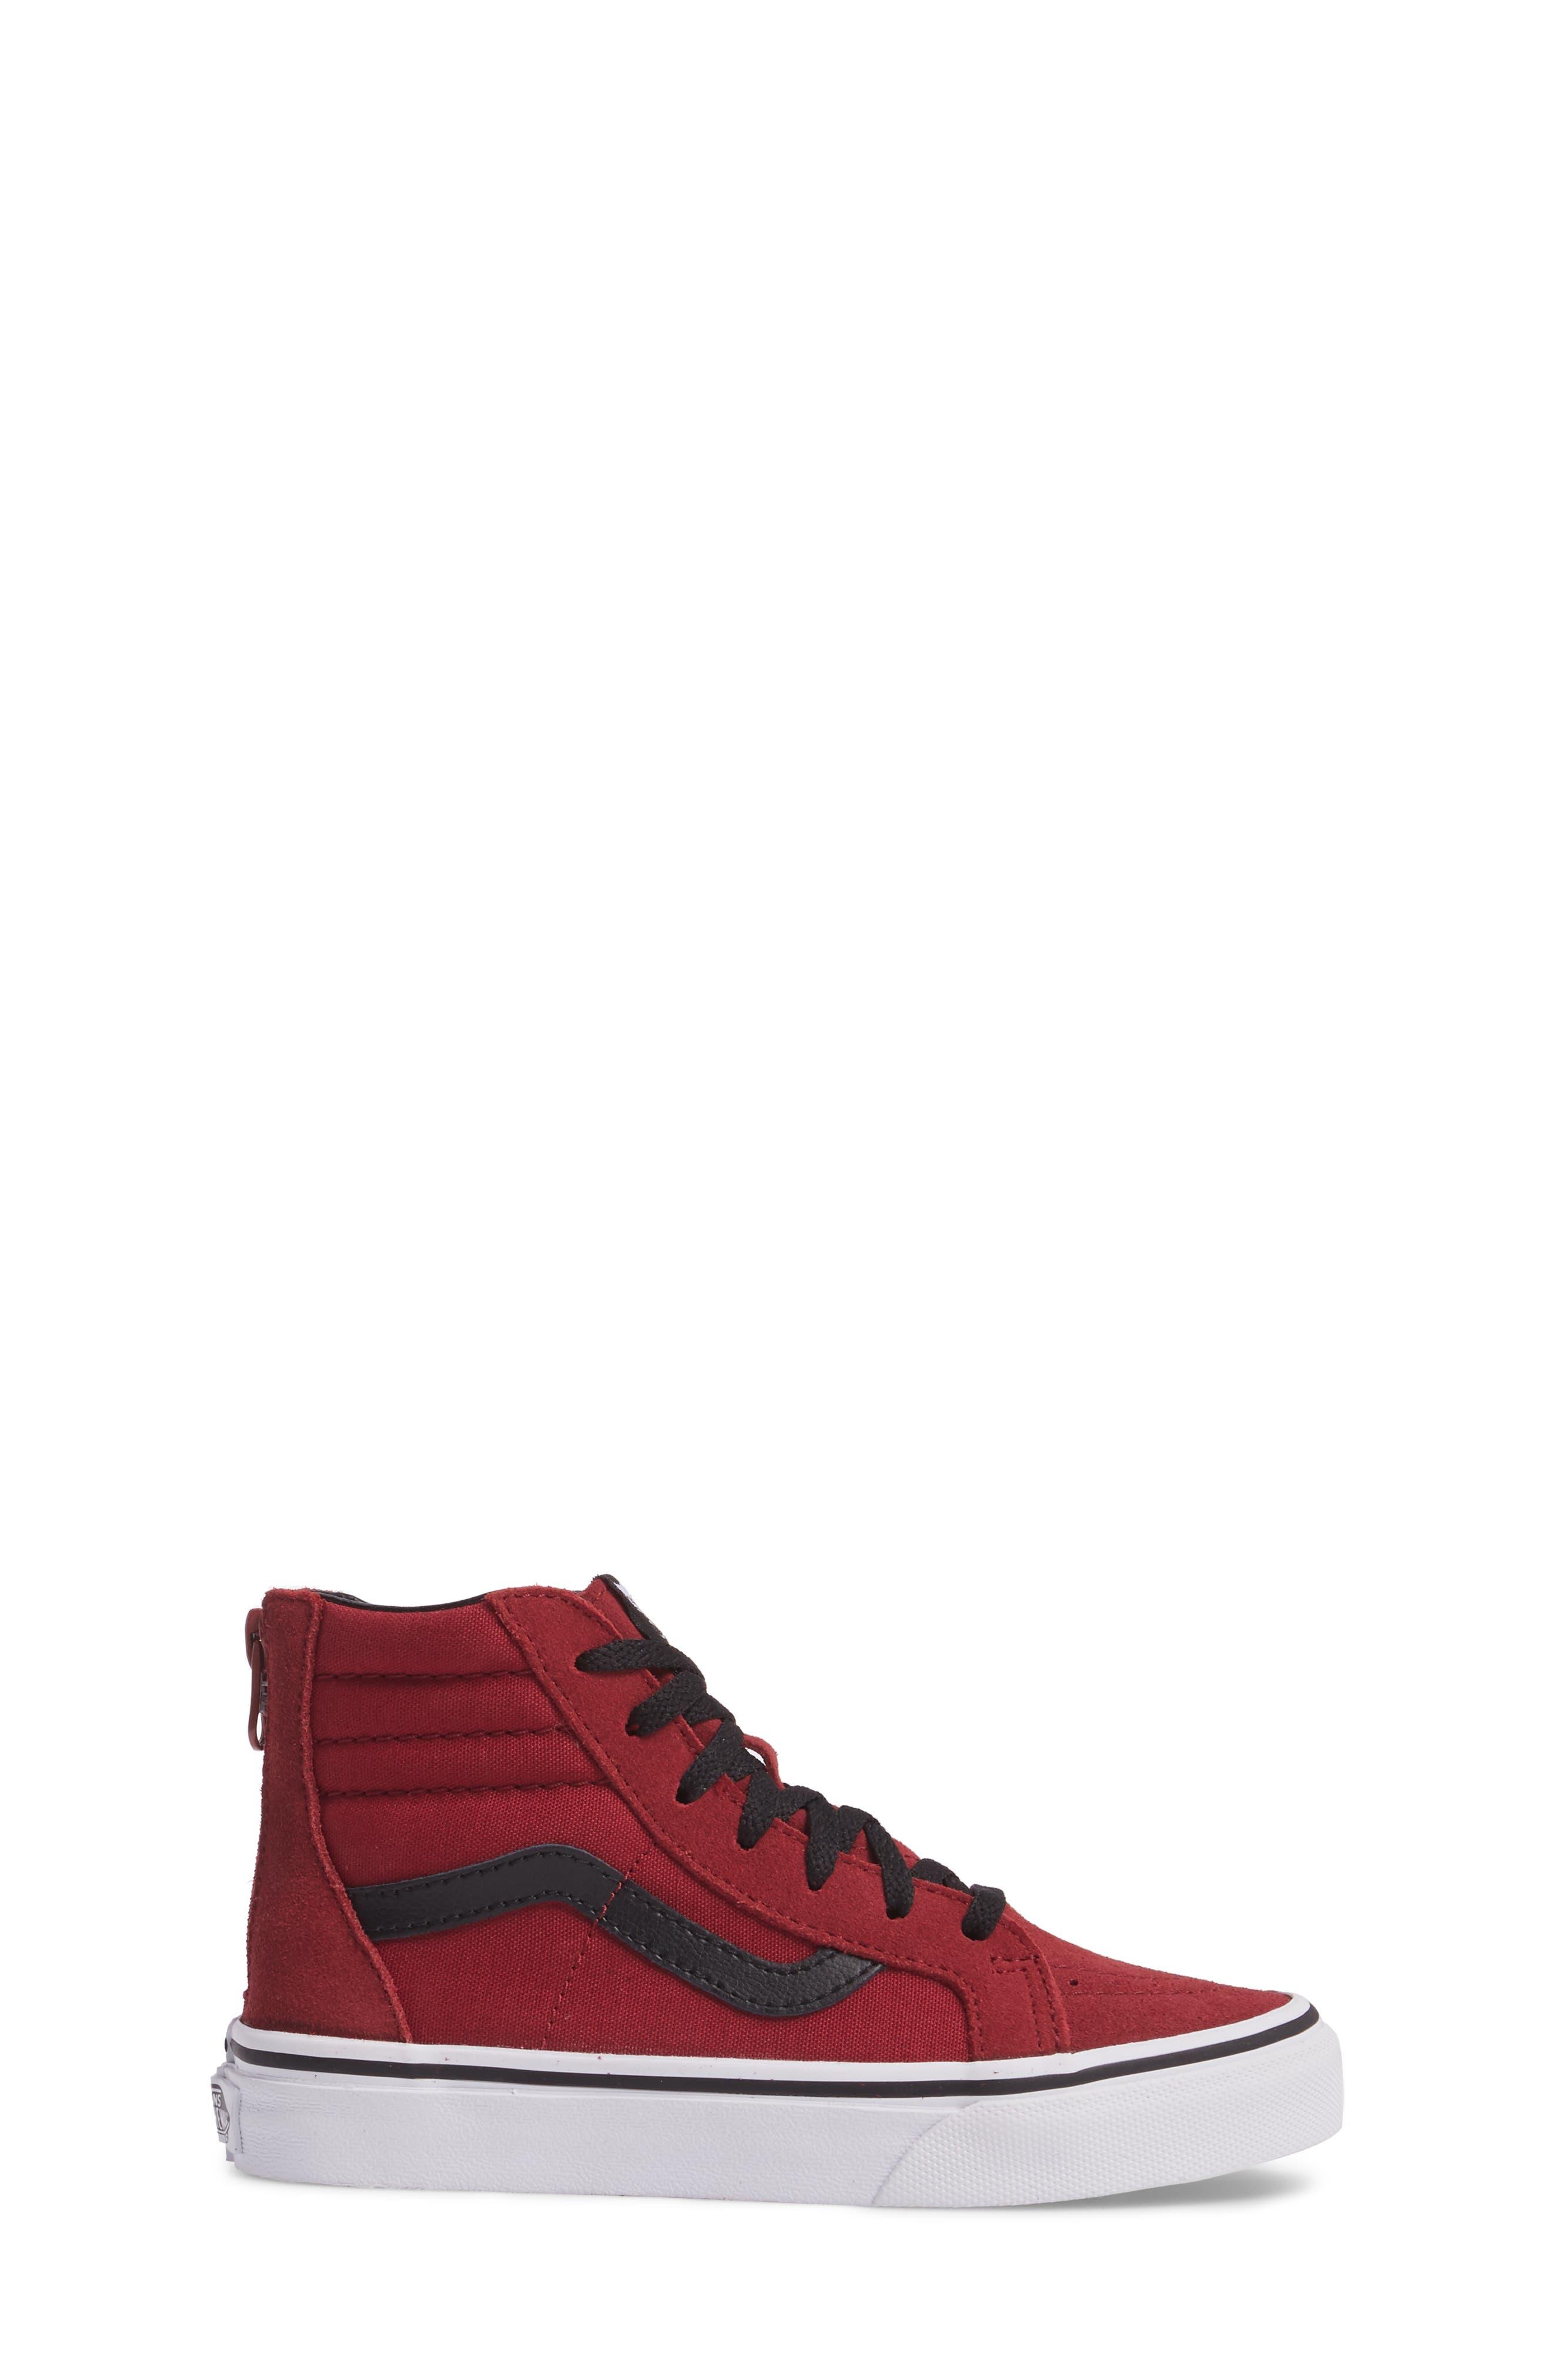 SK8-Hi Zip Sneaker,                             Alternate thumbnail 3, color,                             Tibetan Red/ Black